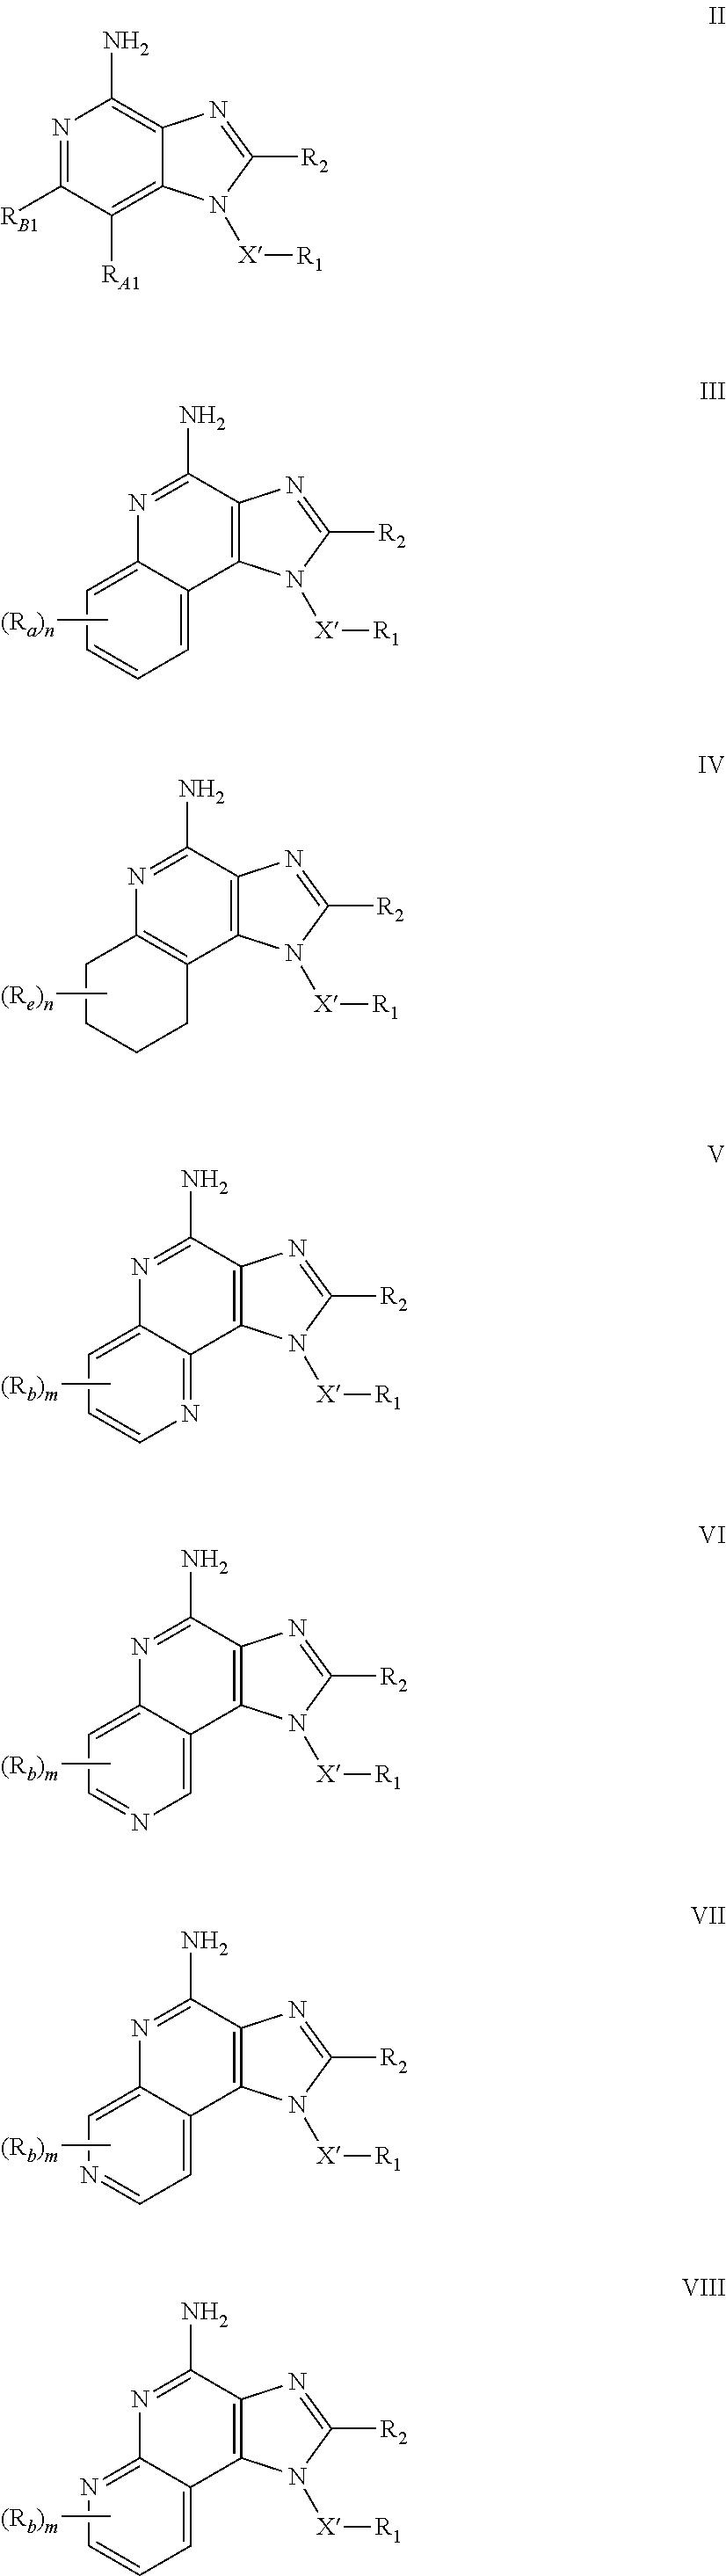 Figure US07915281-20110329-C00003